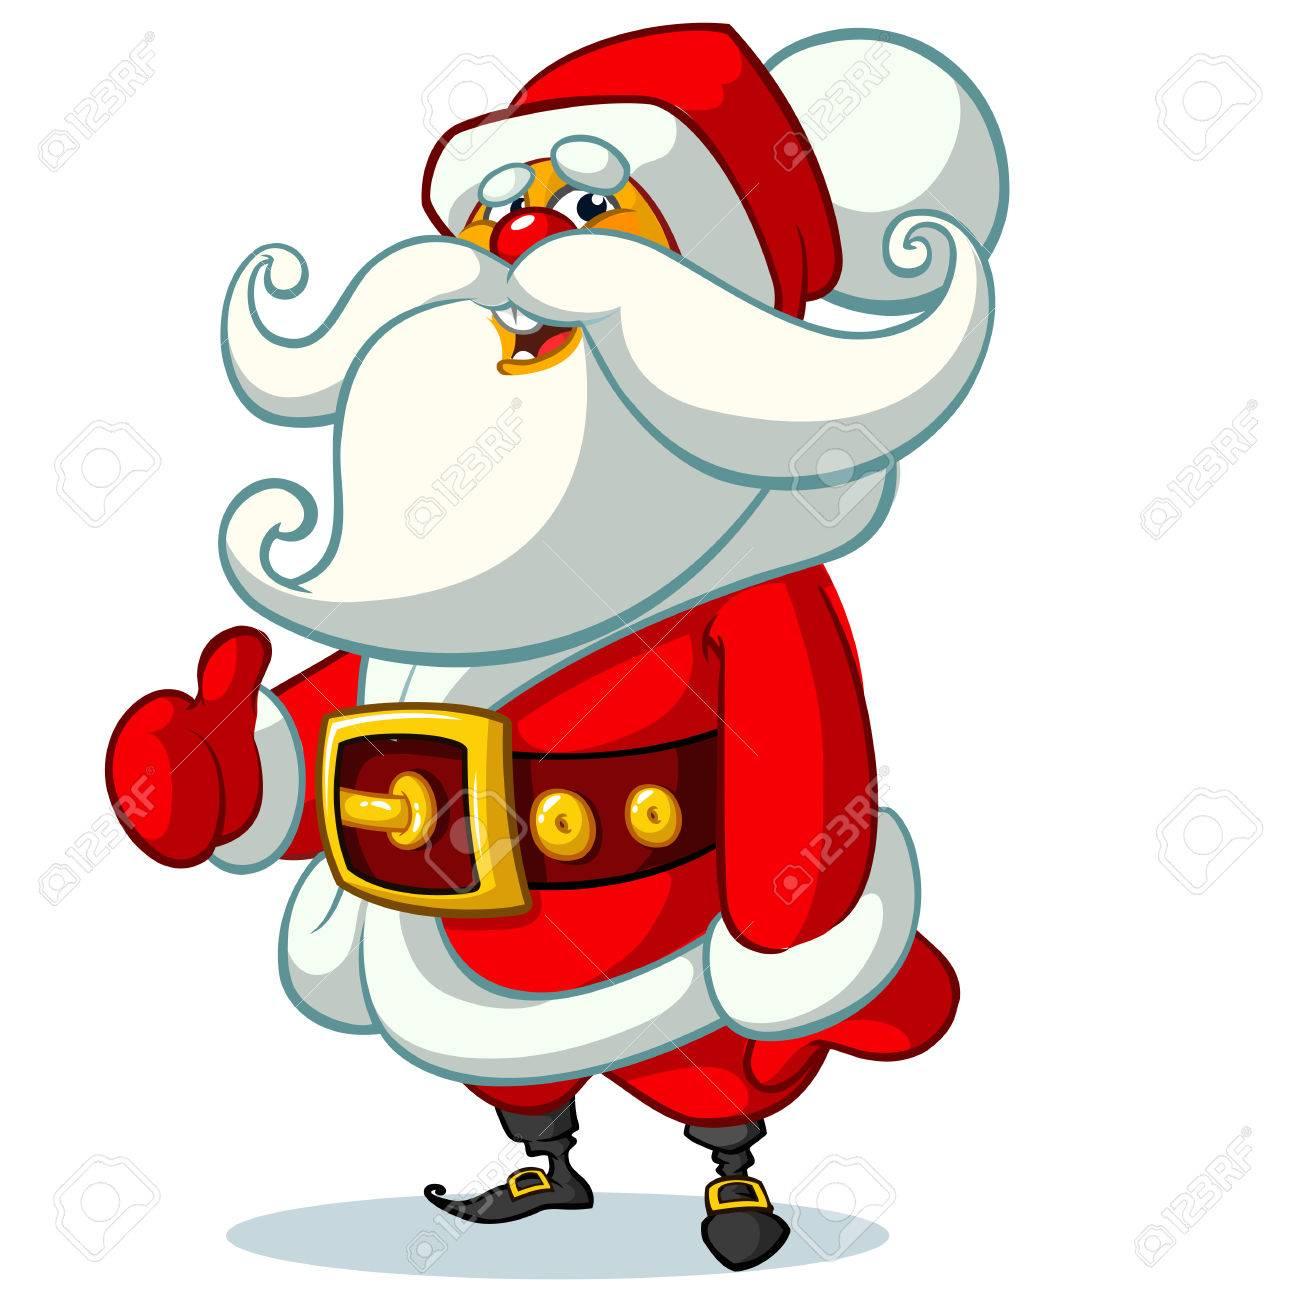 Sfondi Babbo Natale.Vettoriale Babbo Natale Su Sfondo Bianco Illustrazione Vettoriale Per La Cartolina Di Natale Retro Image 66808896